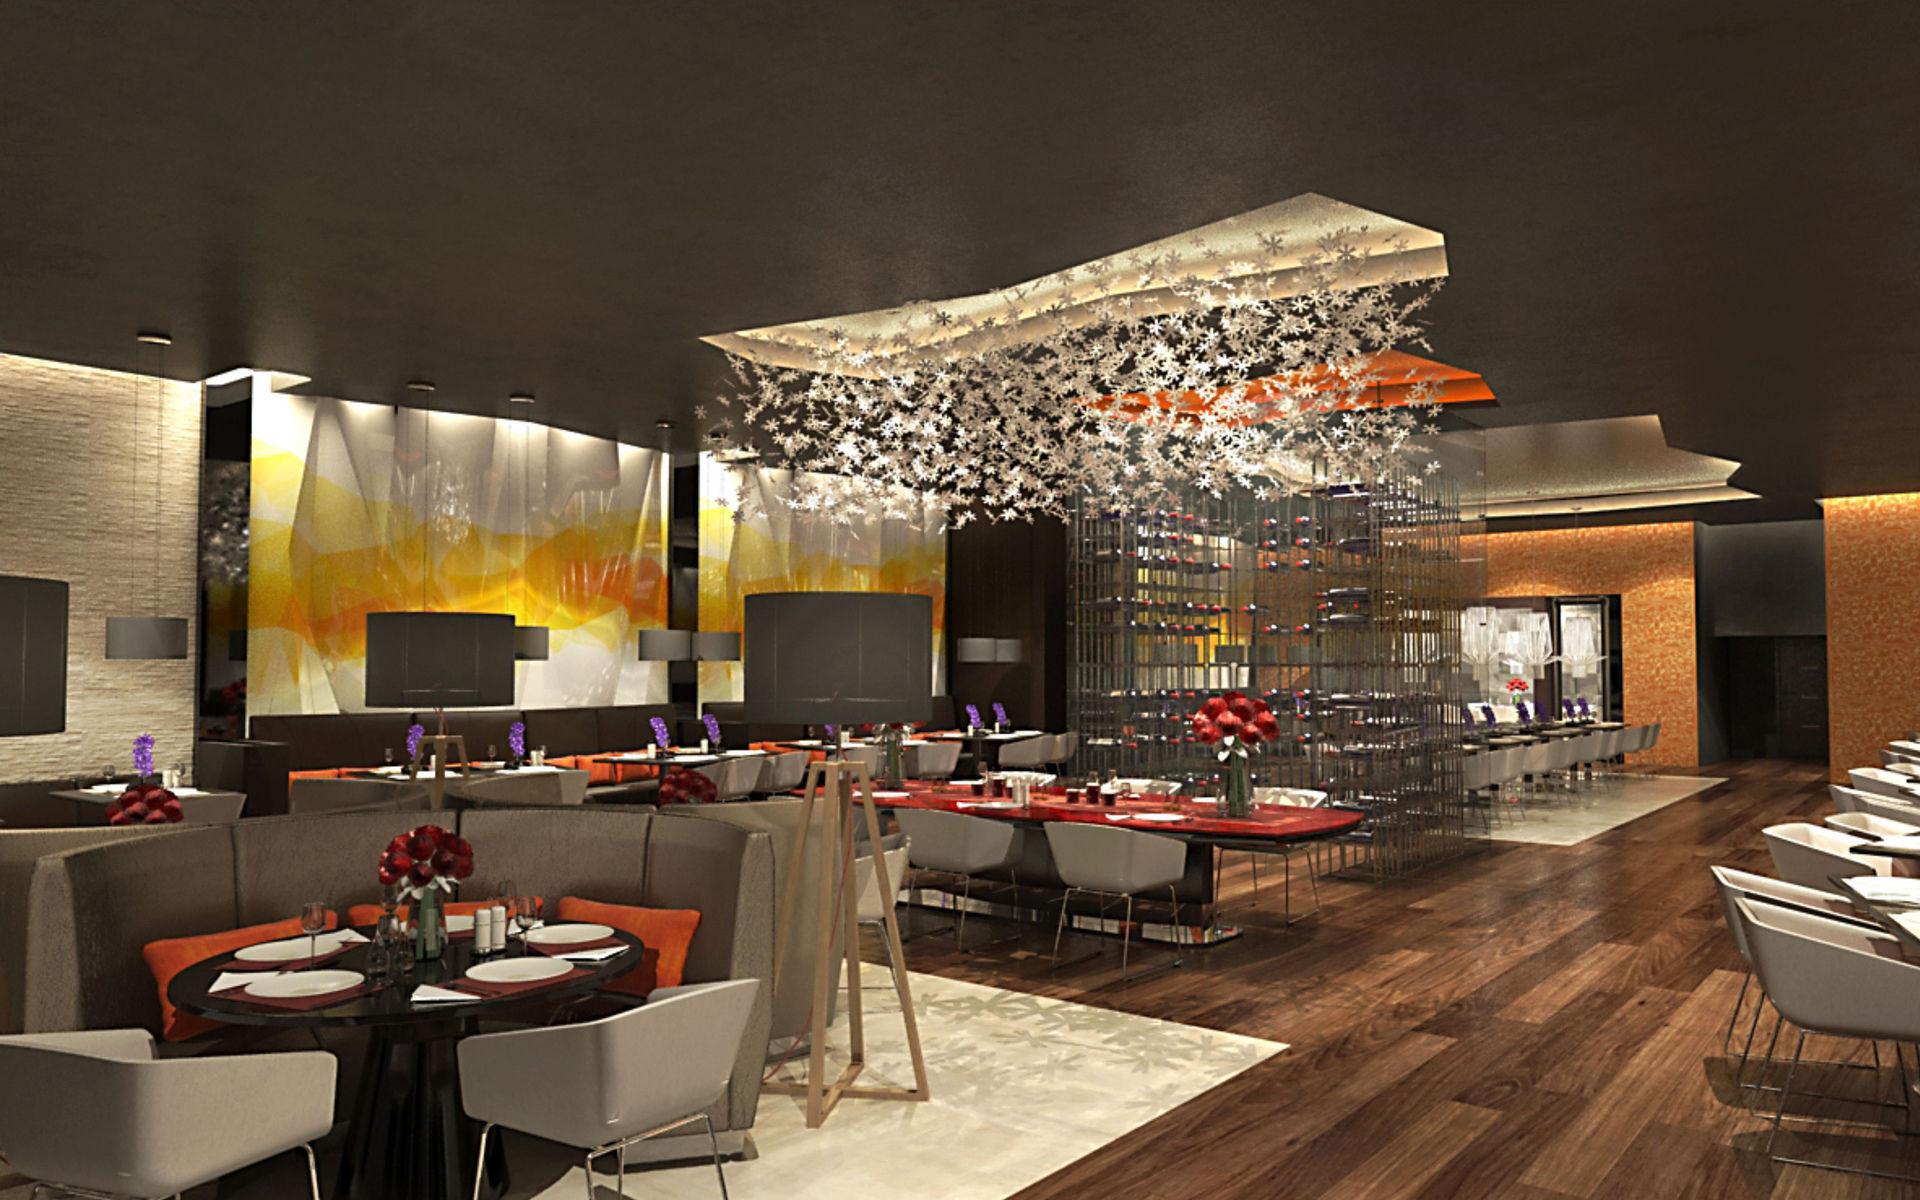 paradisus-loscayos-restaurantes-11102